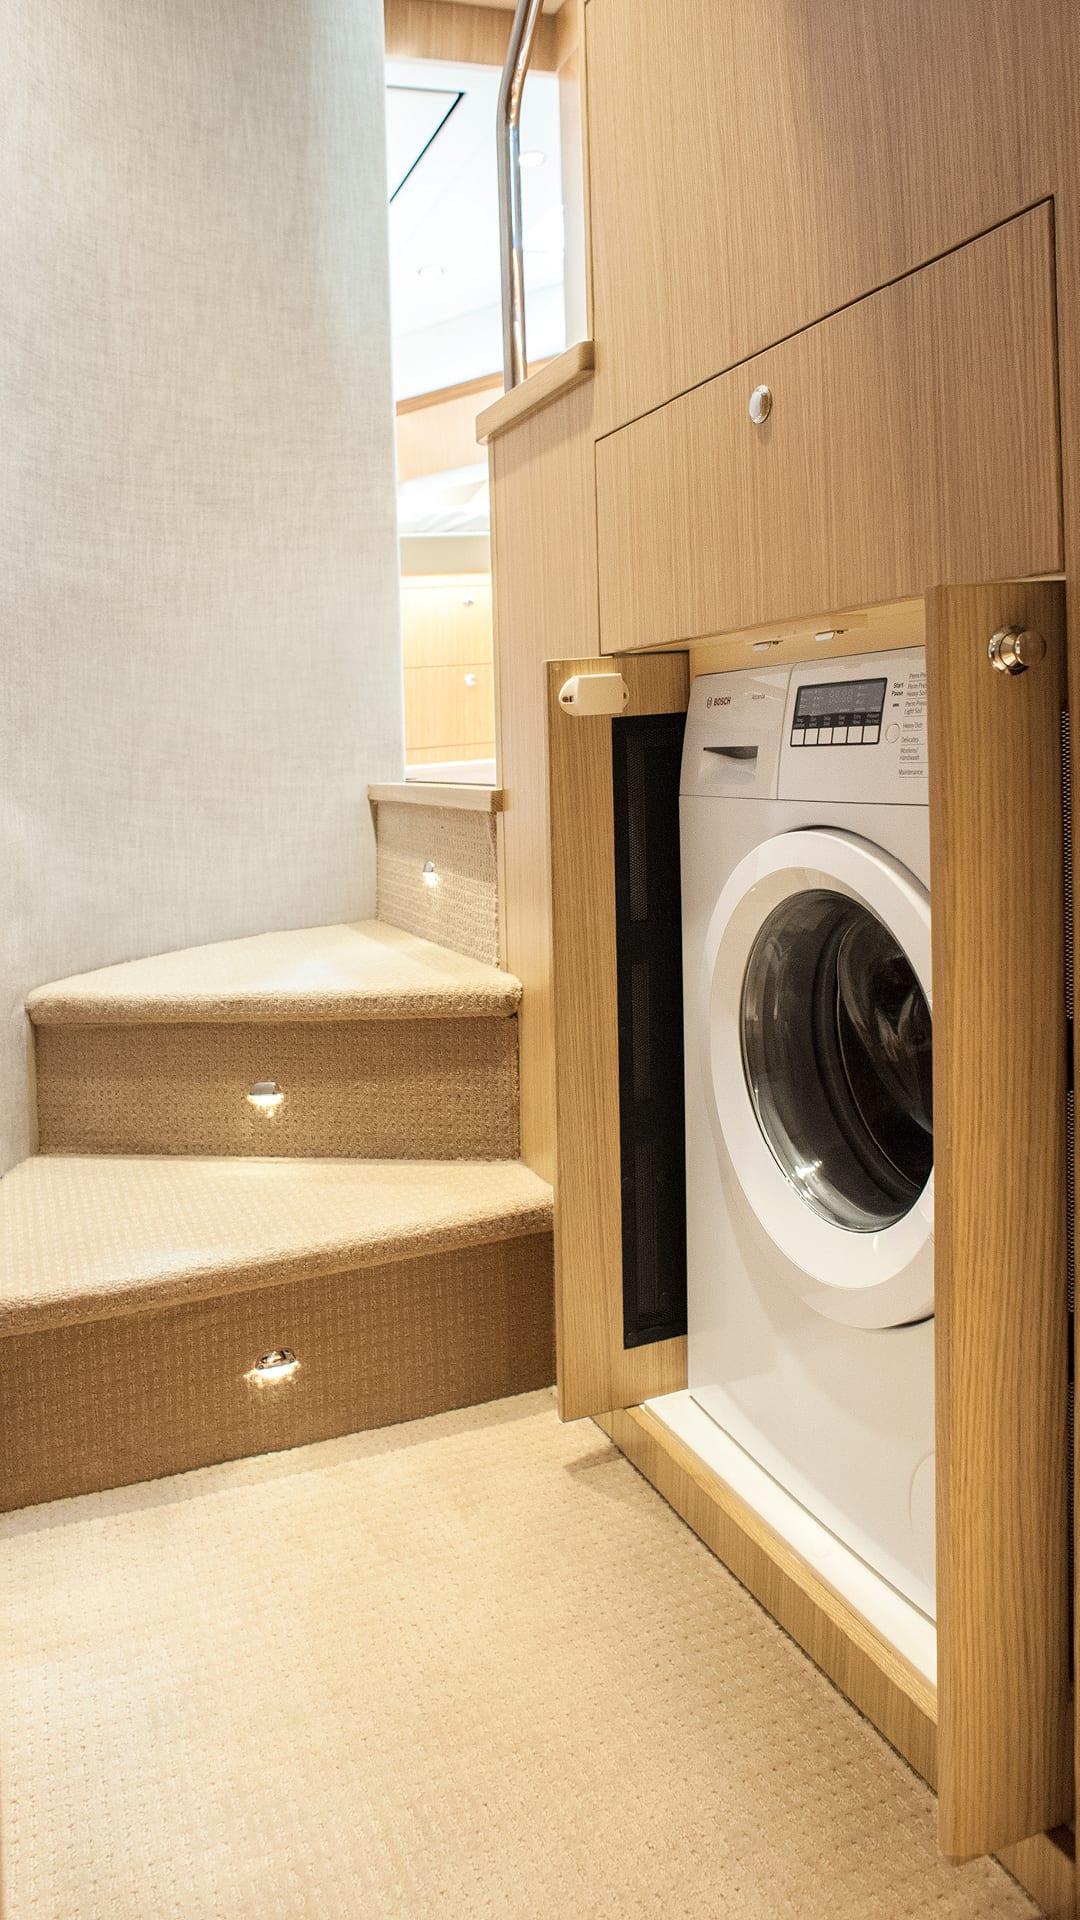 Riviera 575 SUV Laundry 02